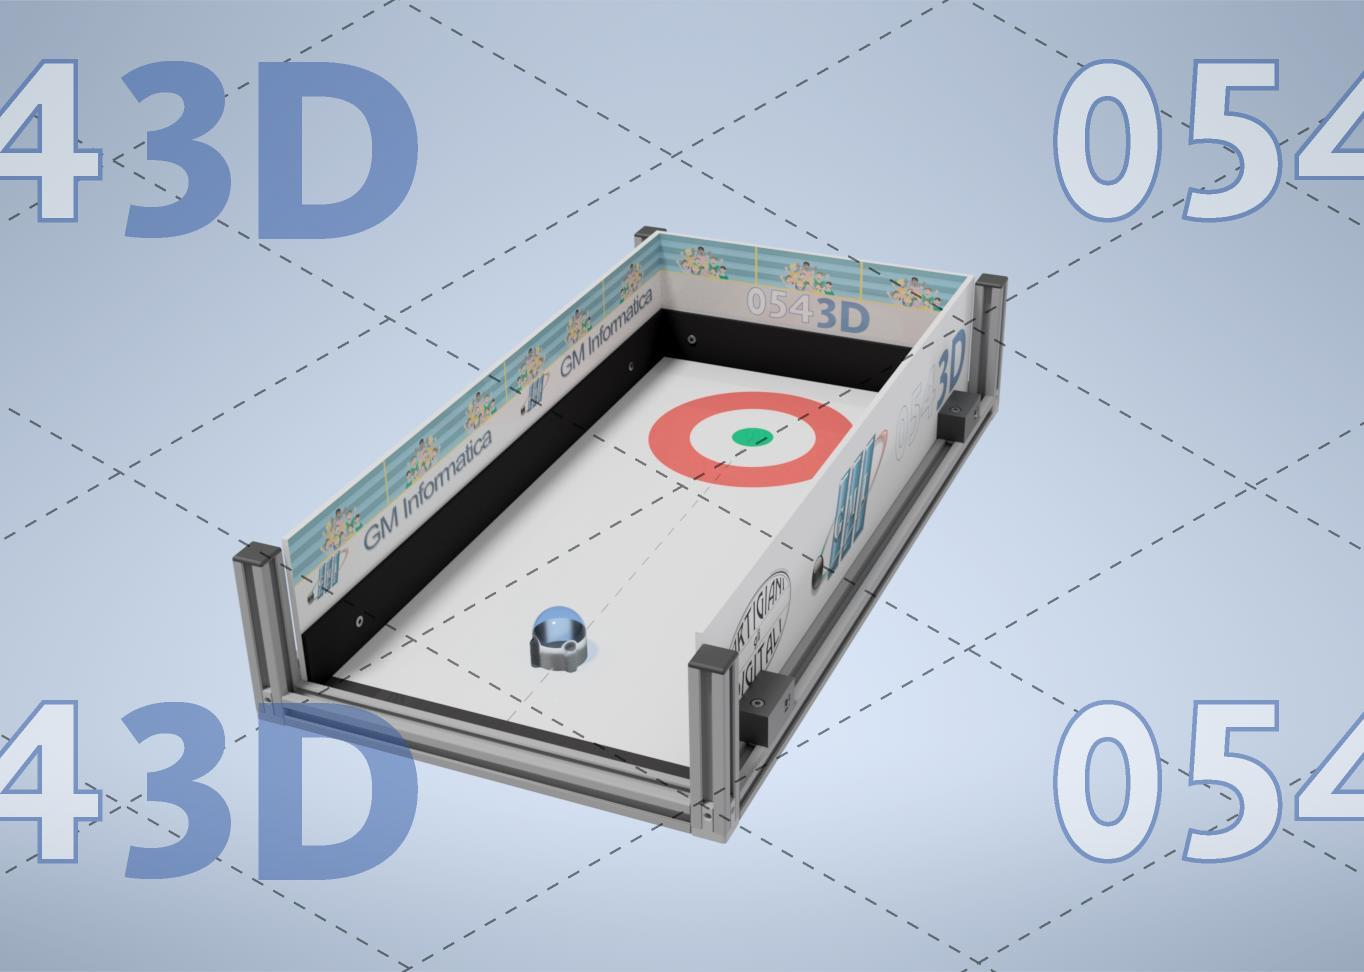 Gioco del Curling